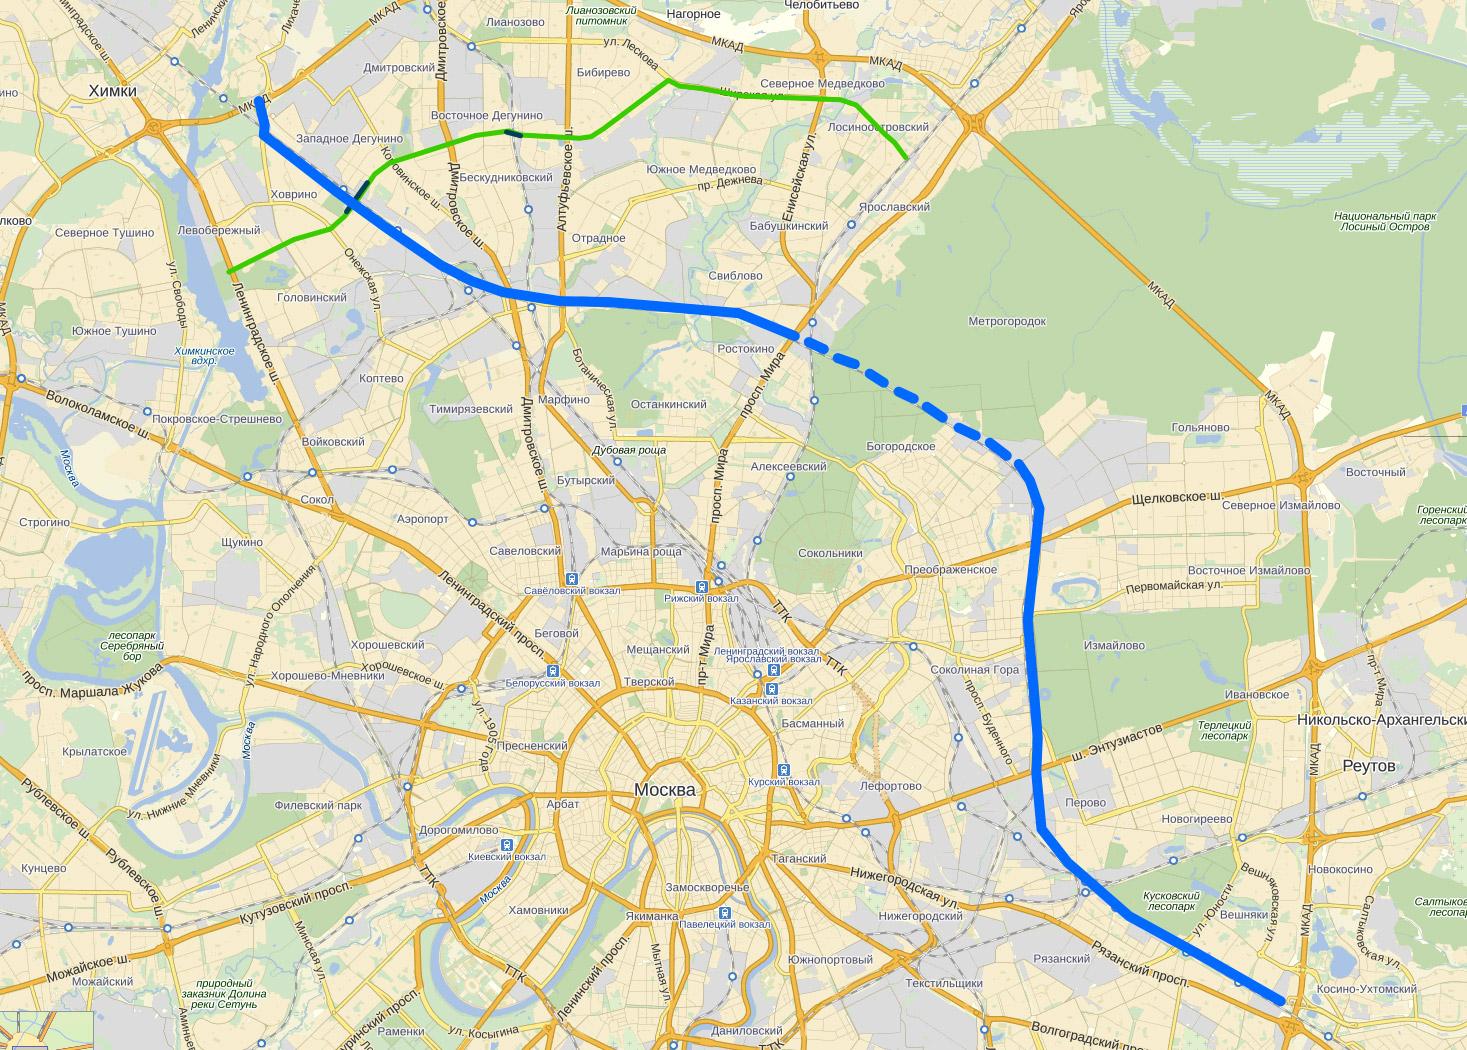 Схема проезда ярославское шоссе фото 379